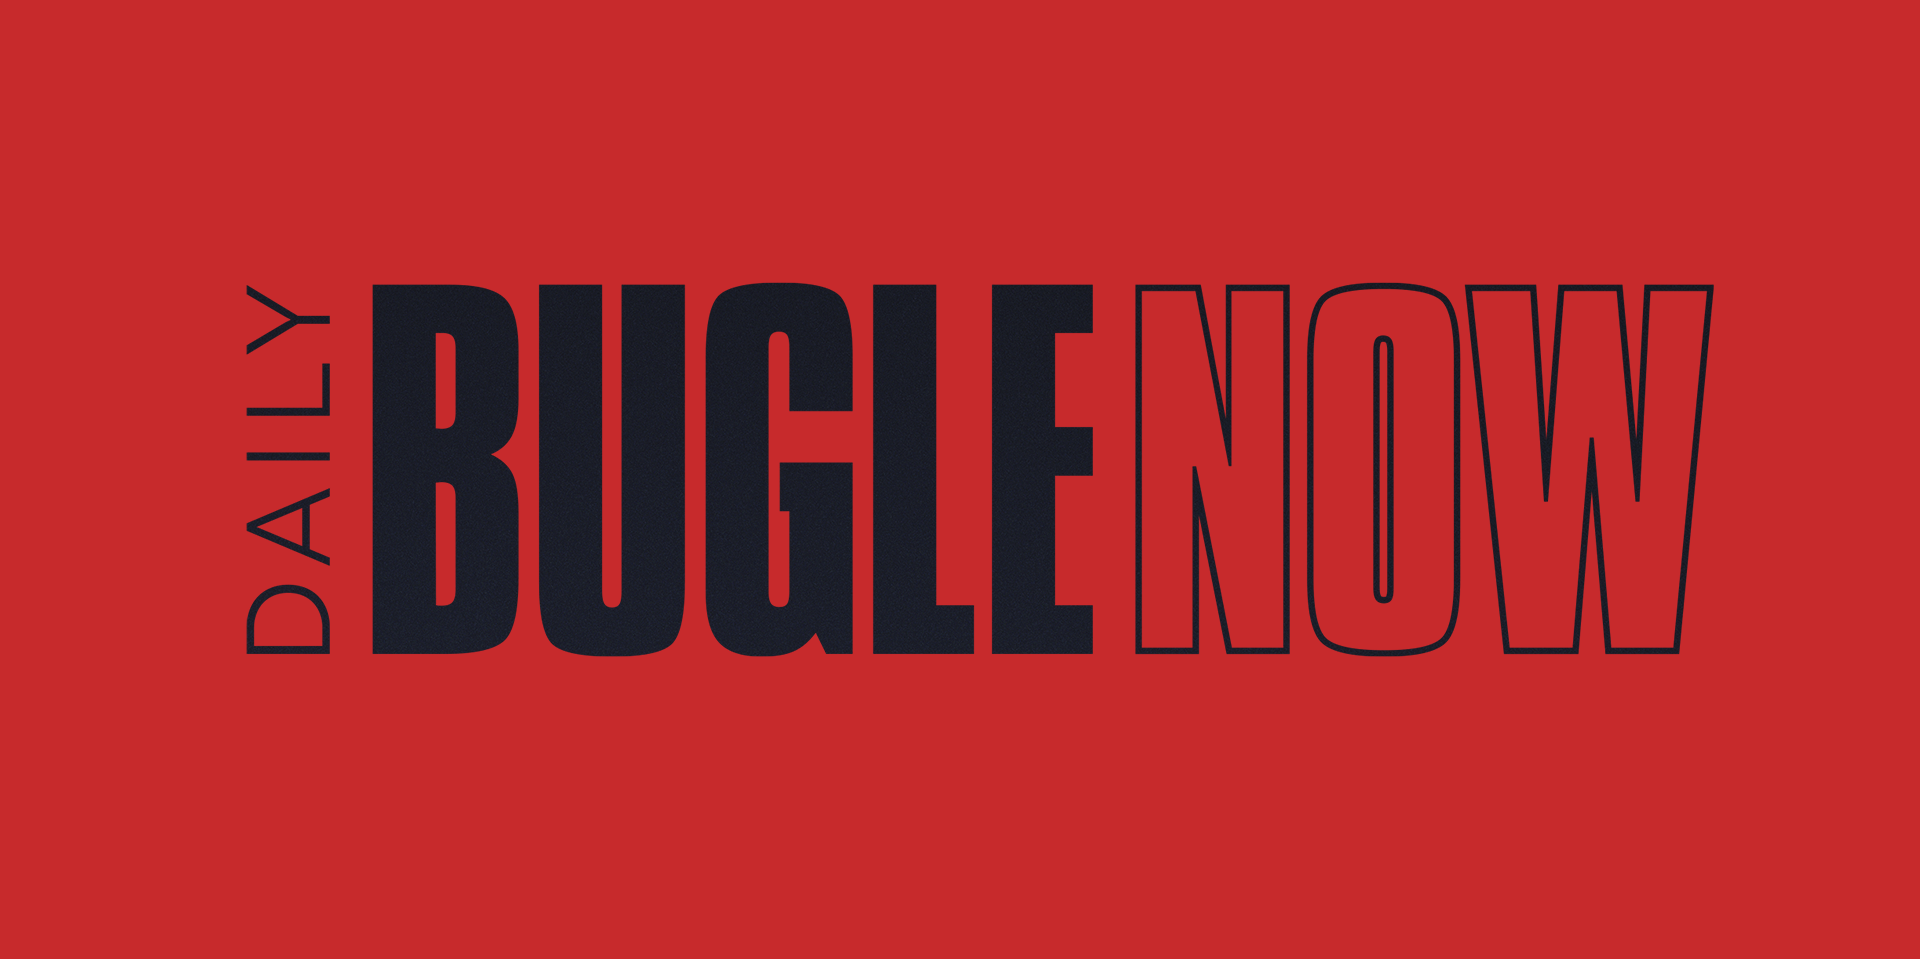 logo do daily bugle